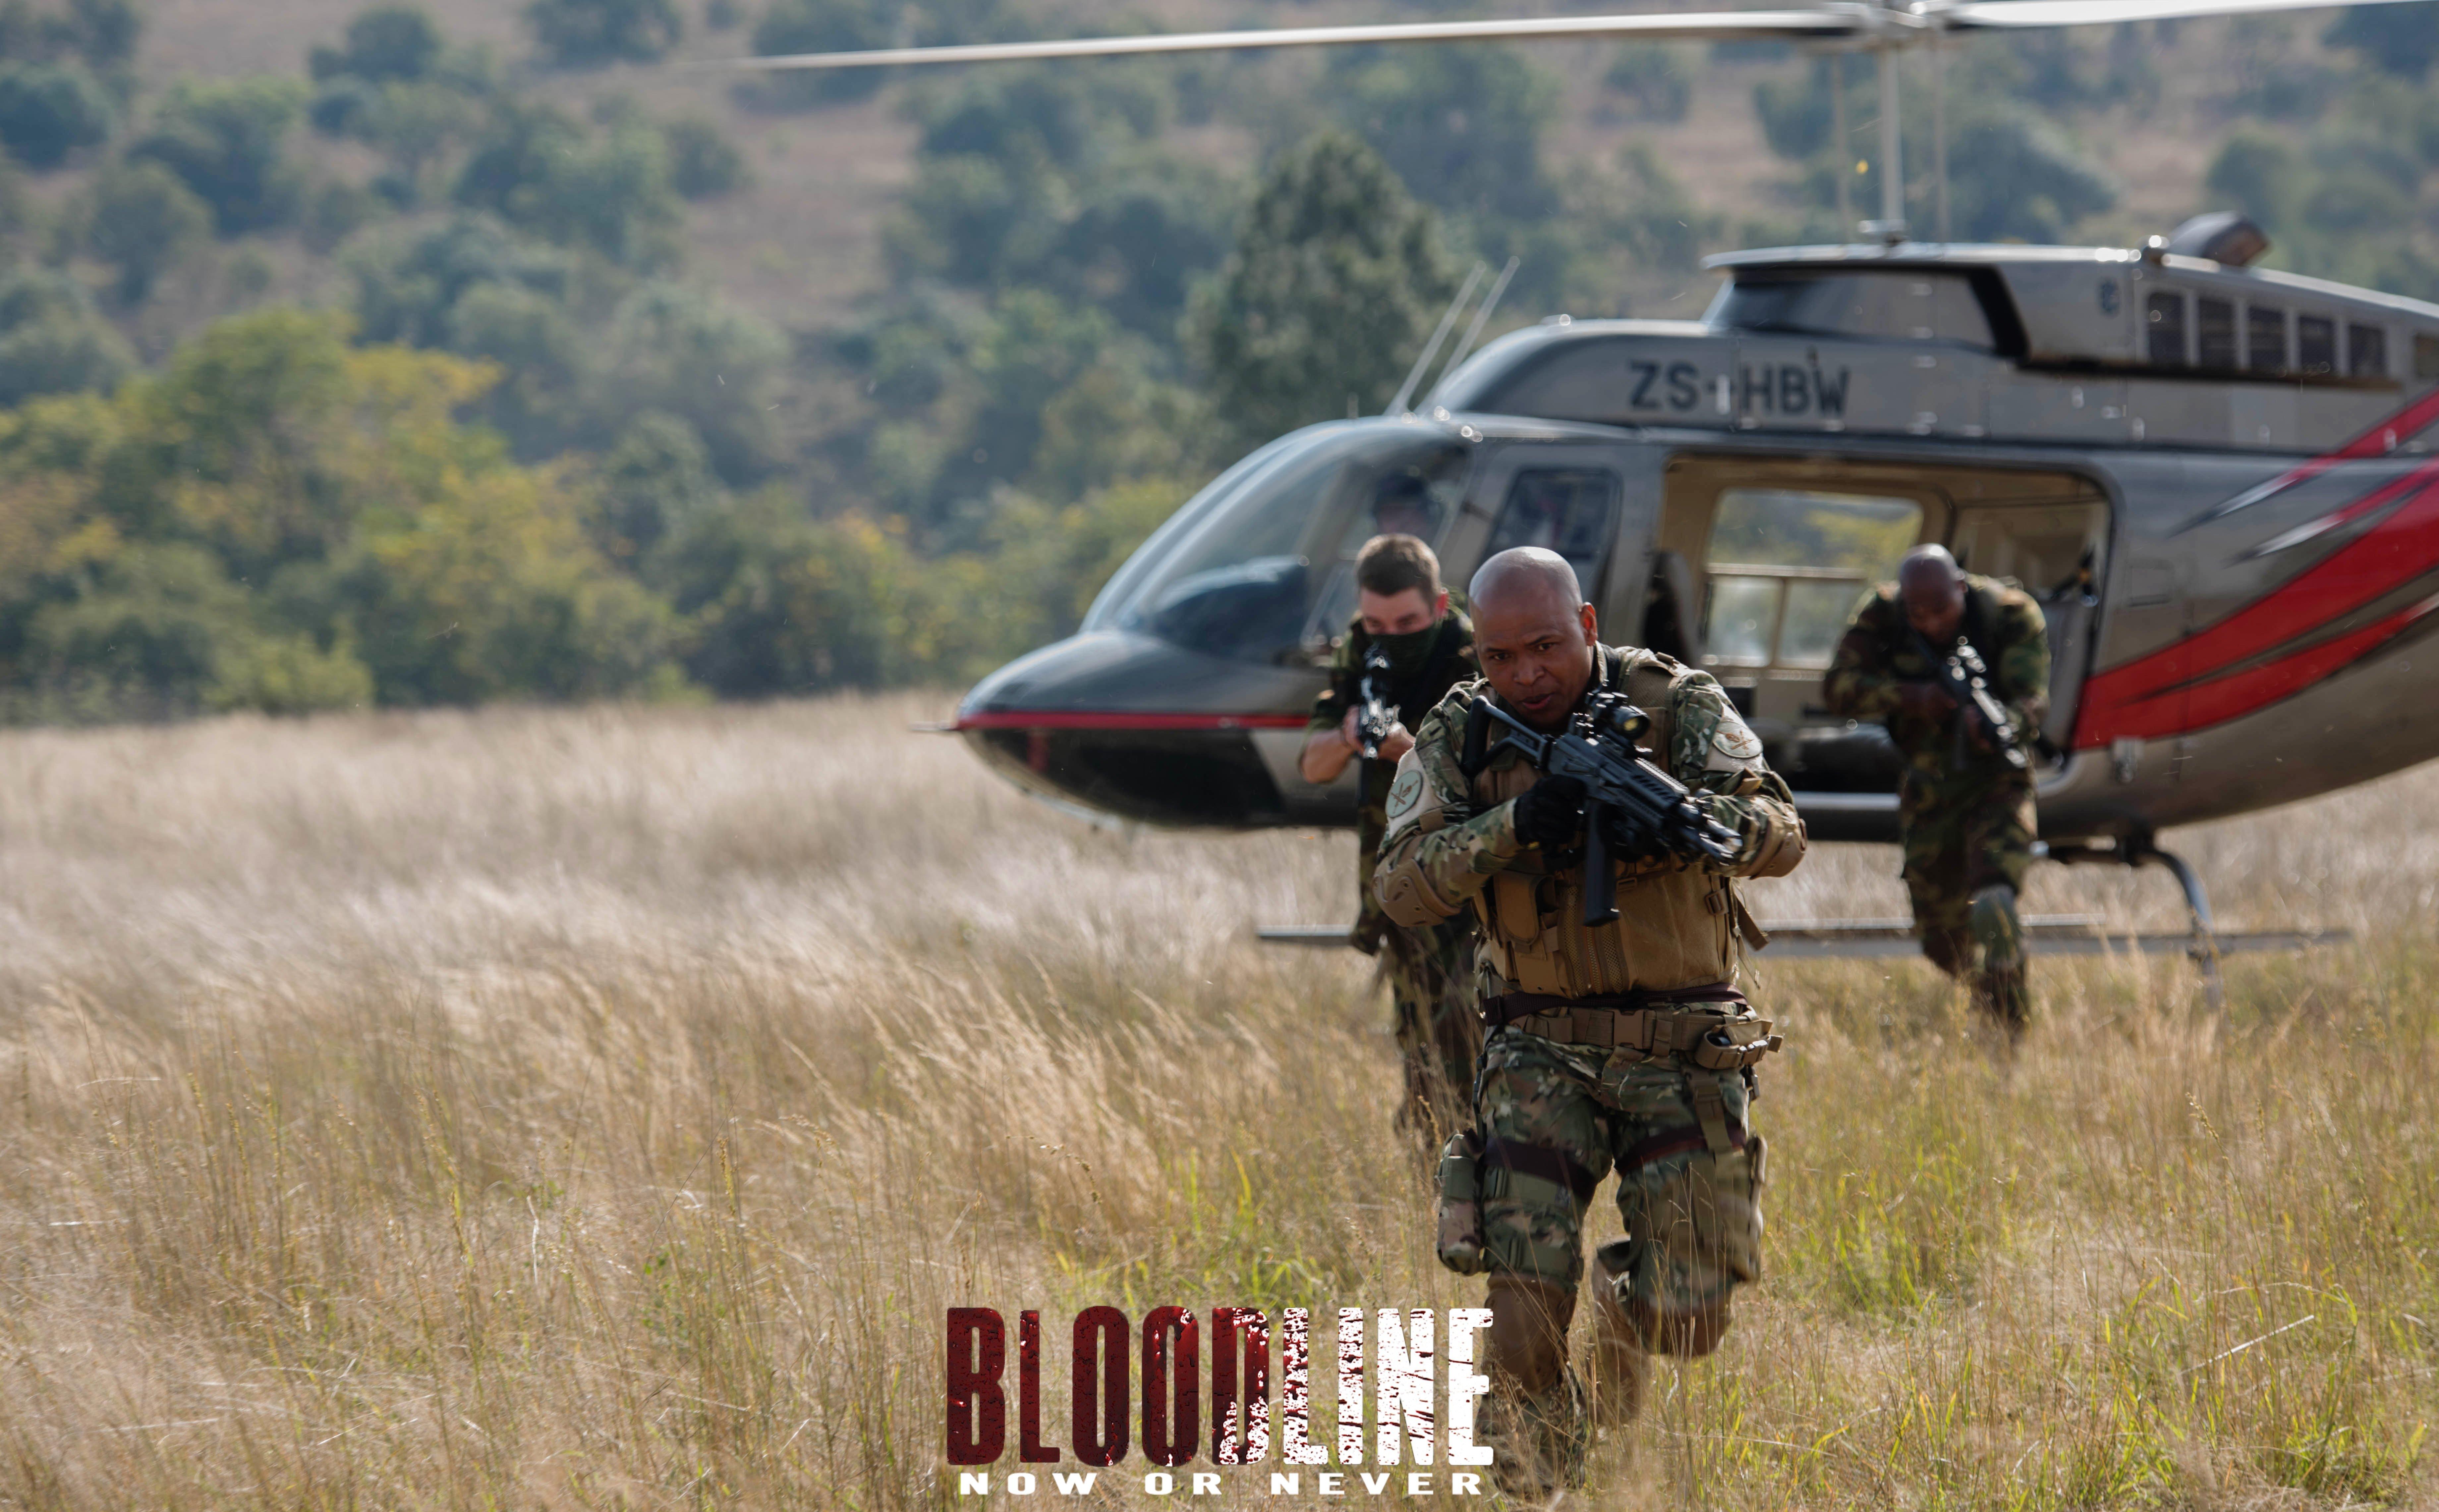 Tariku Bogale in Bloodline: Now or Never (2017)